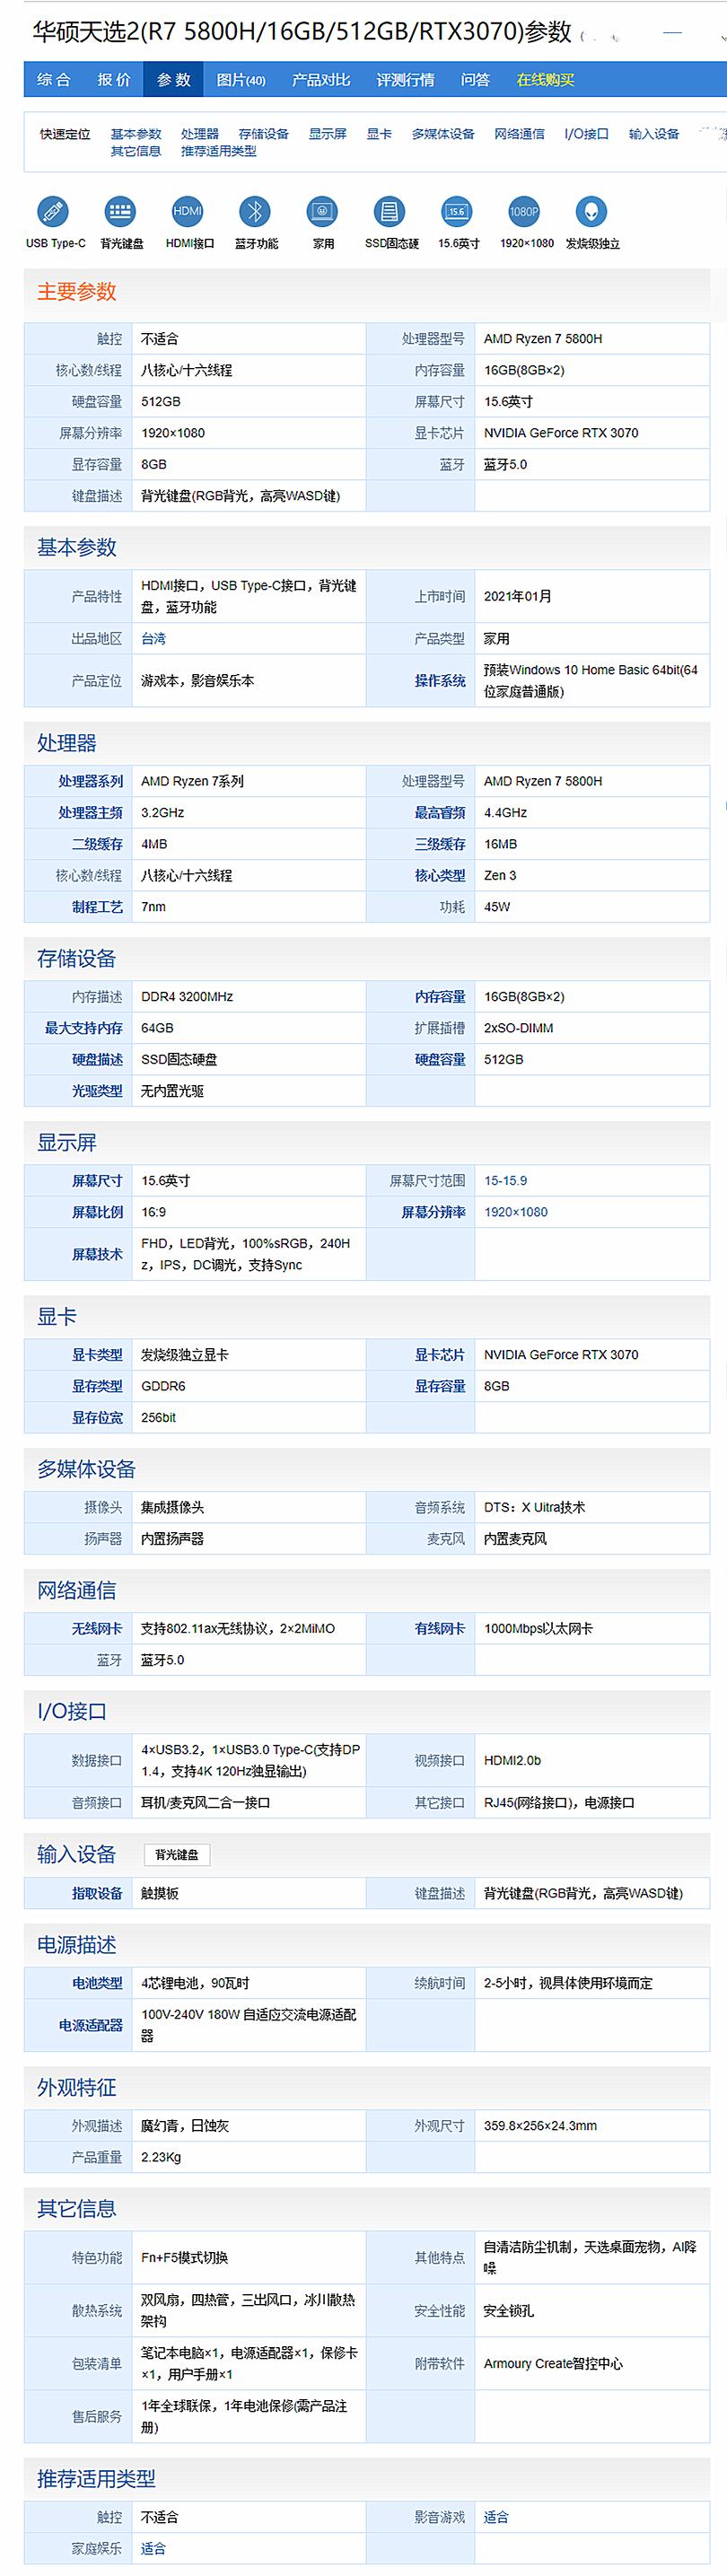 目前搭载发烧级RTX3070显卡的笔记本电脑,性价比最高的就这三款(图7)